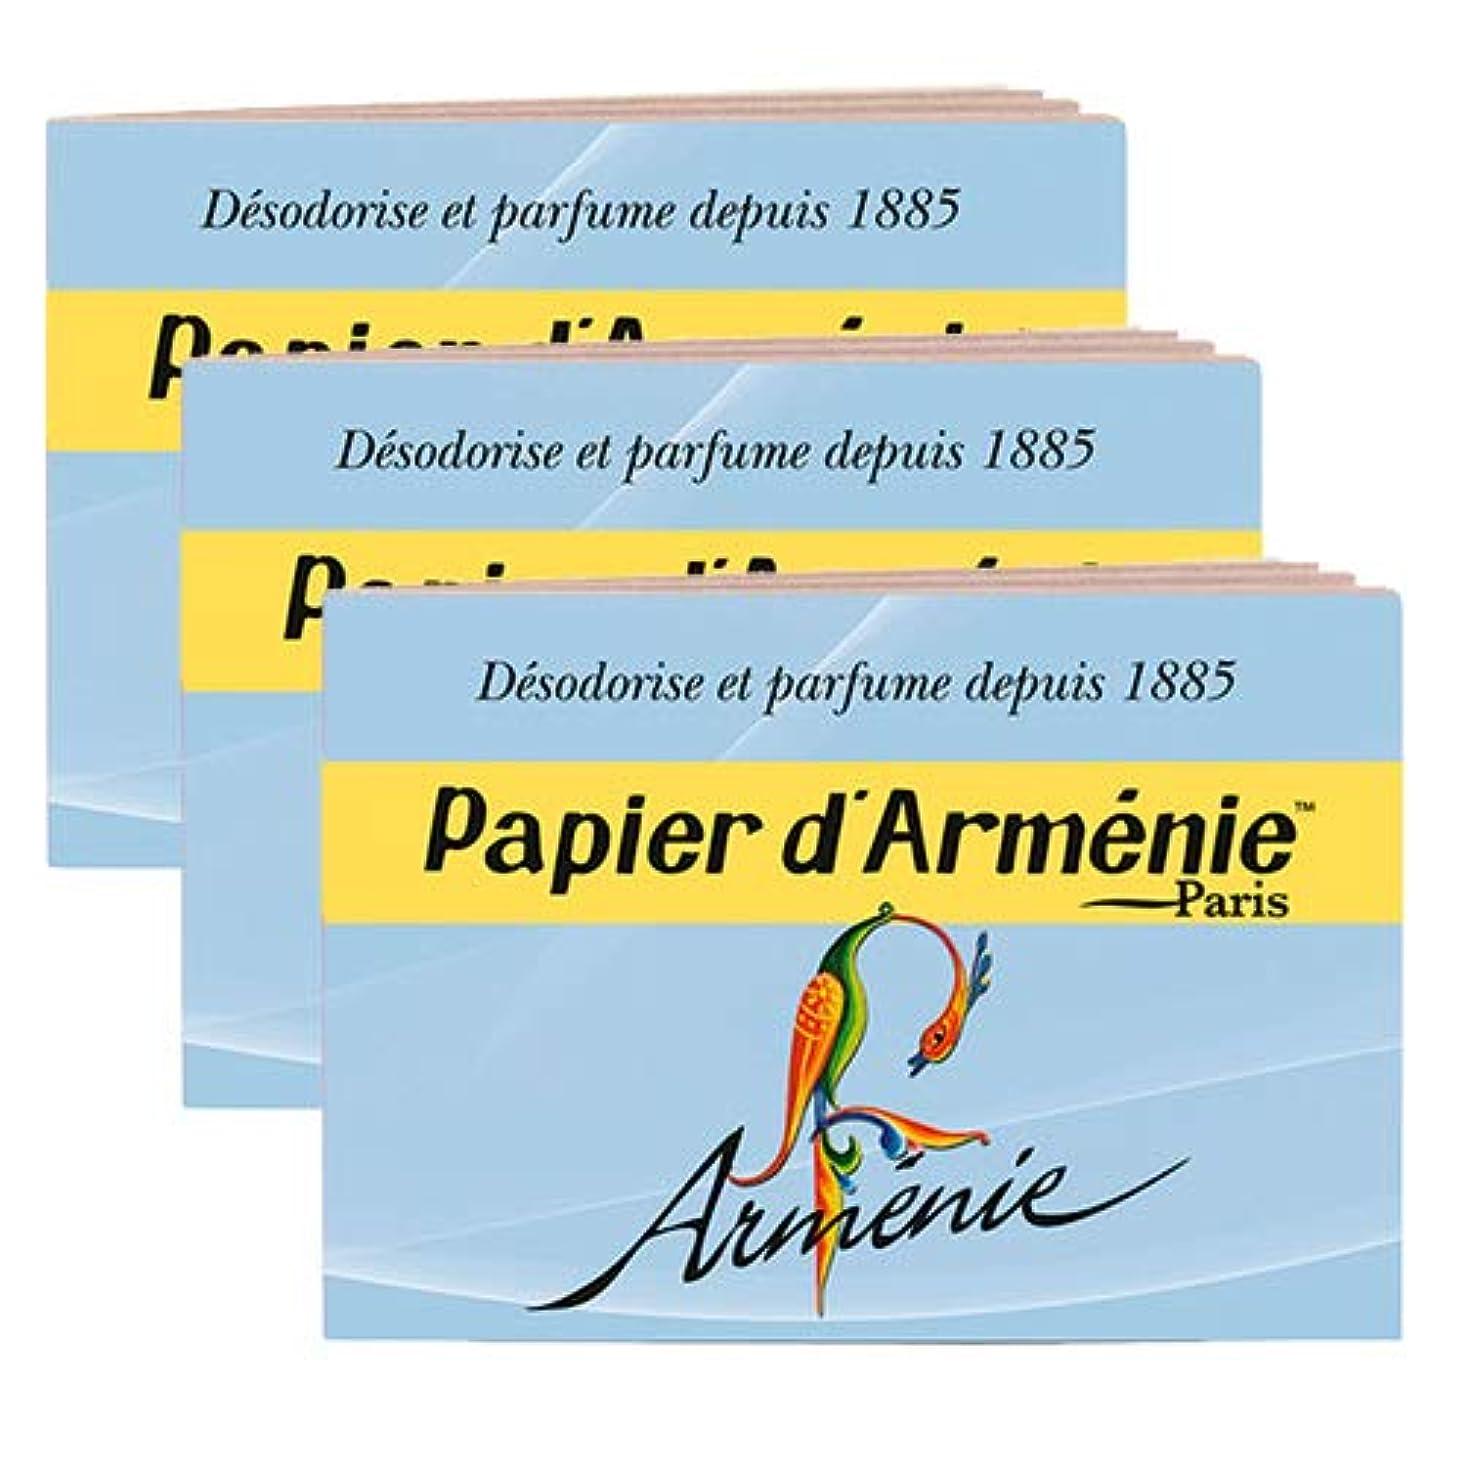 世界の窓逆に考え【パピエダルメニイ】トリプル 3×12枚(36回分) 3個セット アルメニイ 紙のお香 インセンス アロマペーパー PAPIER D'ARMENIE [並行輸入品]